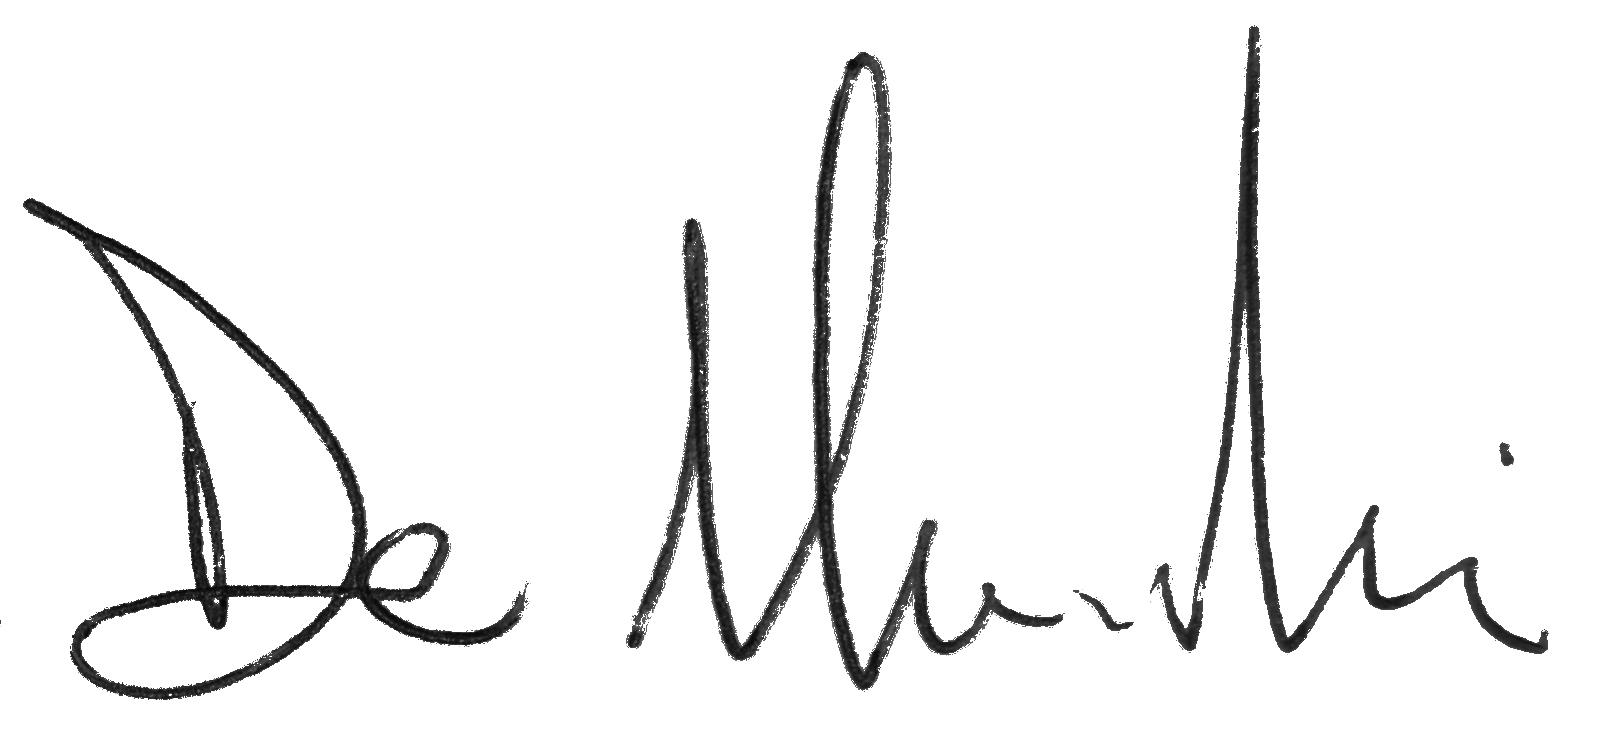 Alessio De Marchi Signature